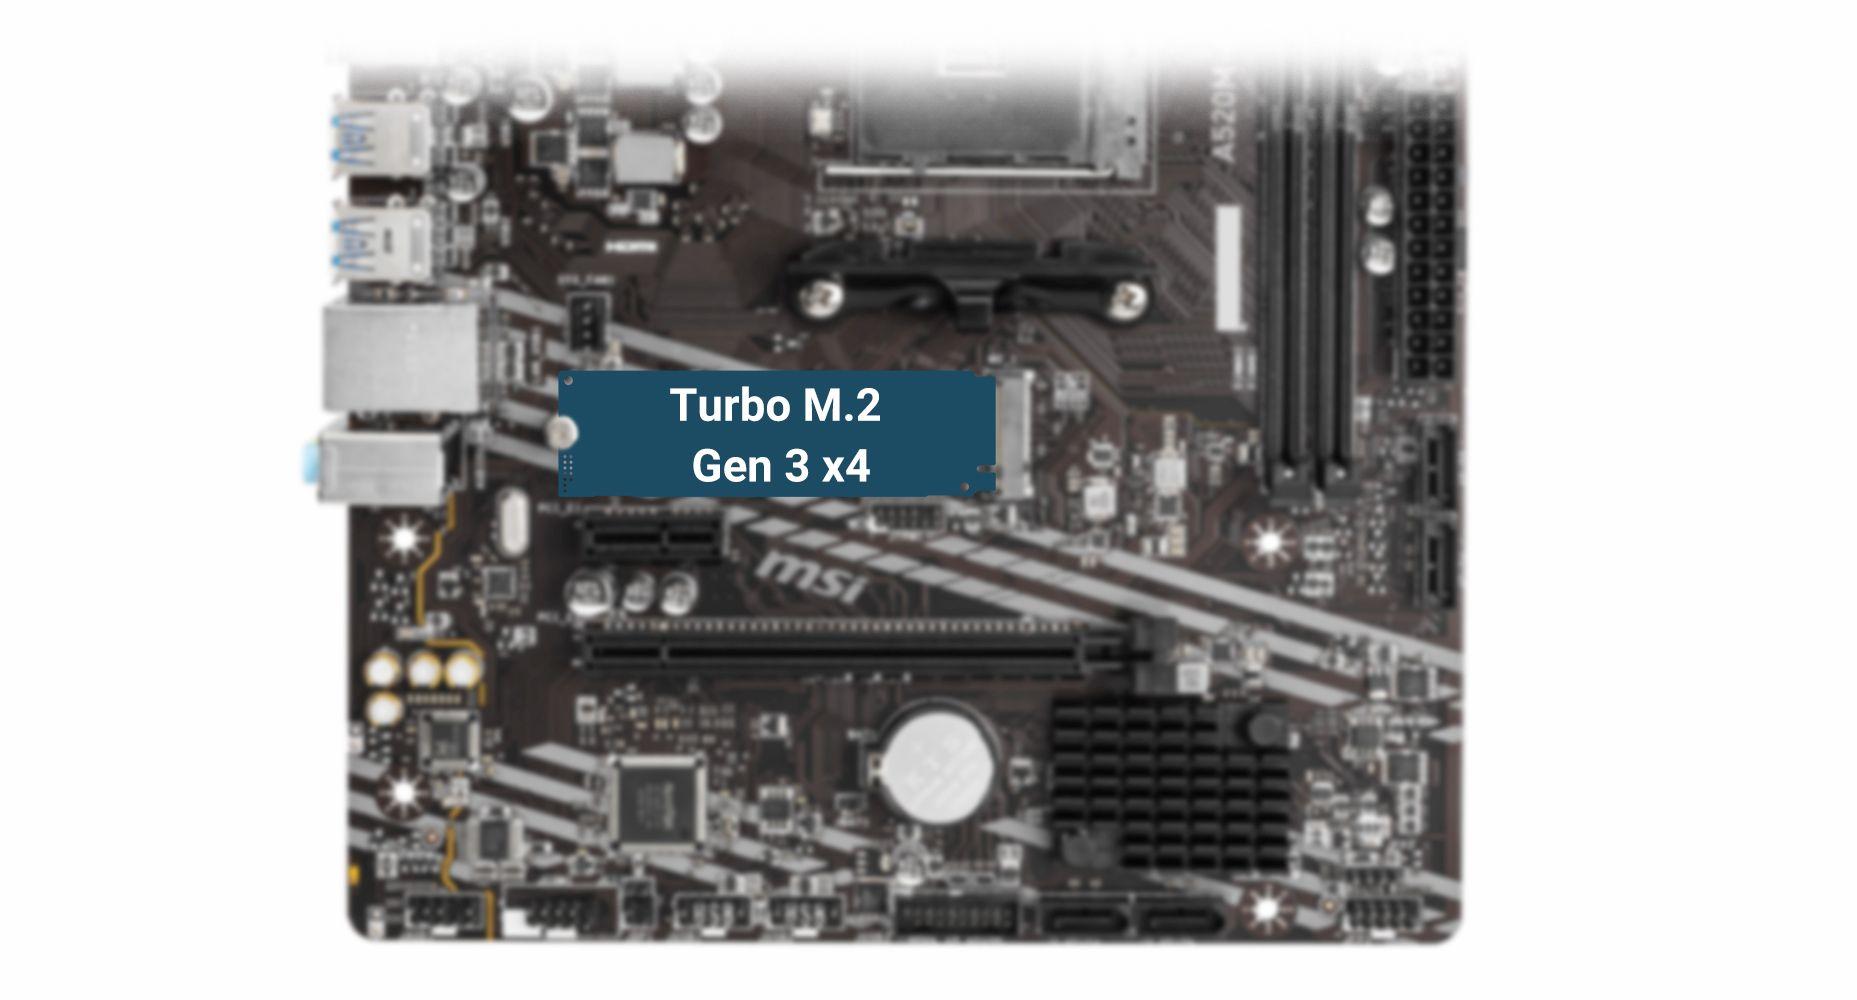 MSI A520M -A PRO TURBO M.2